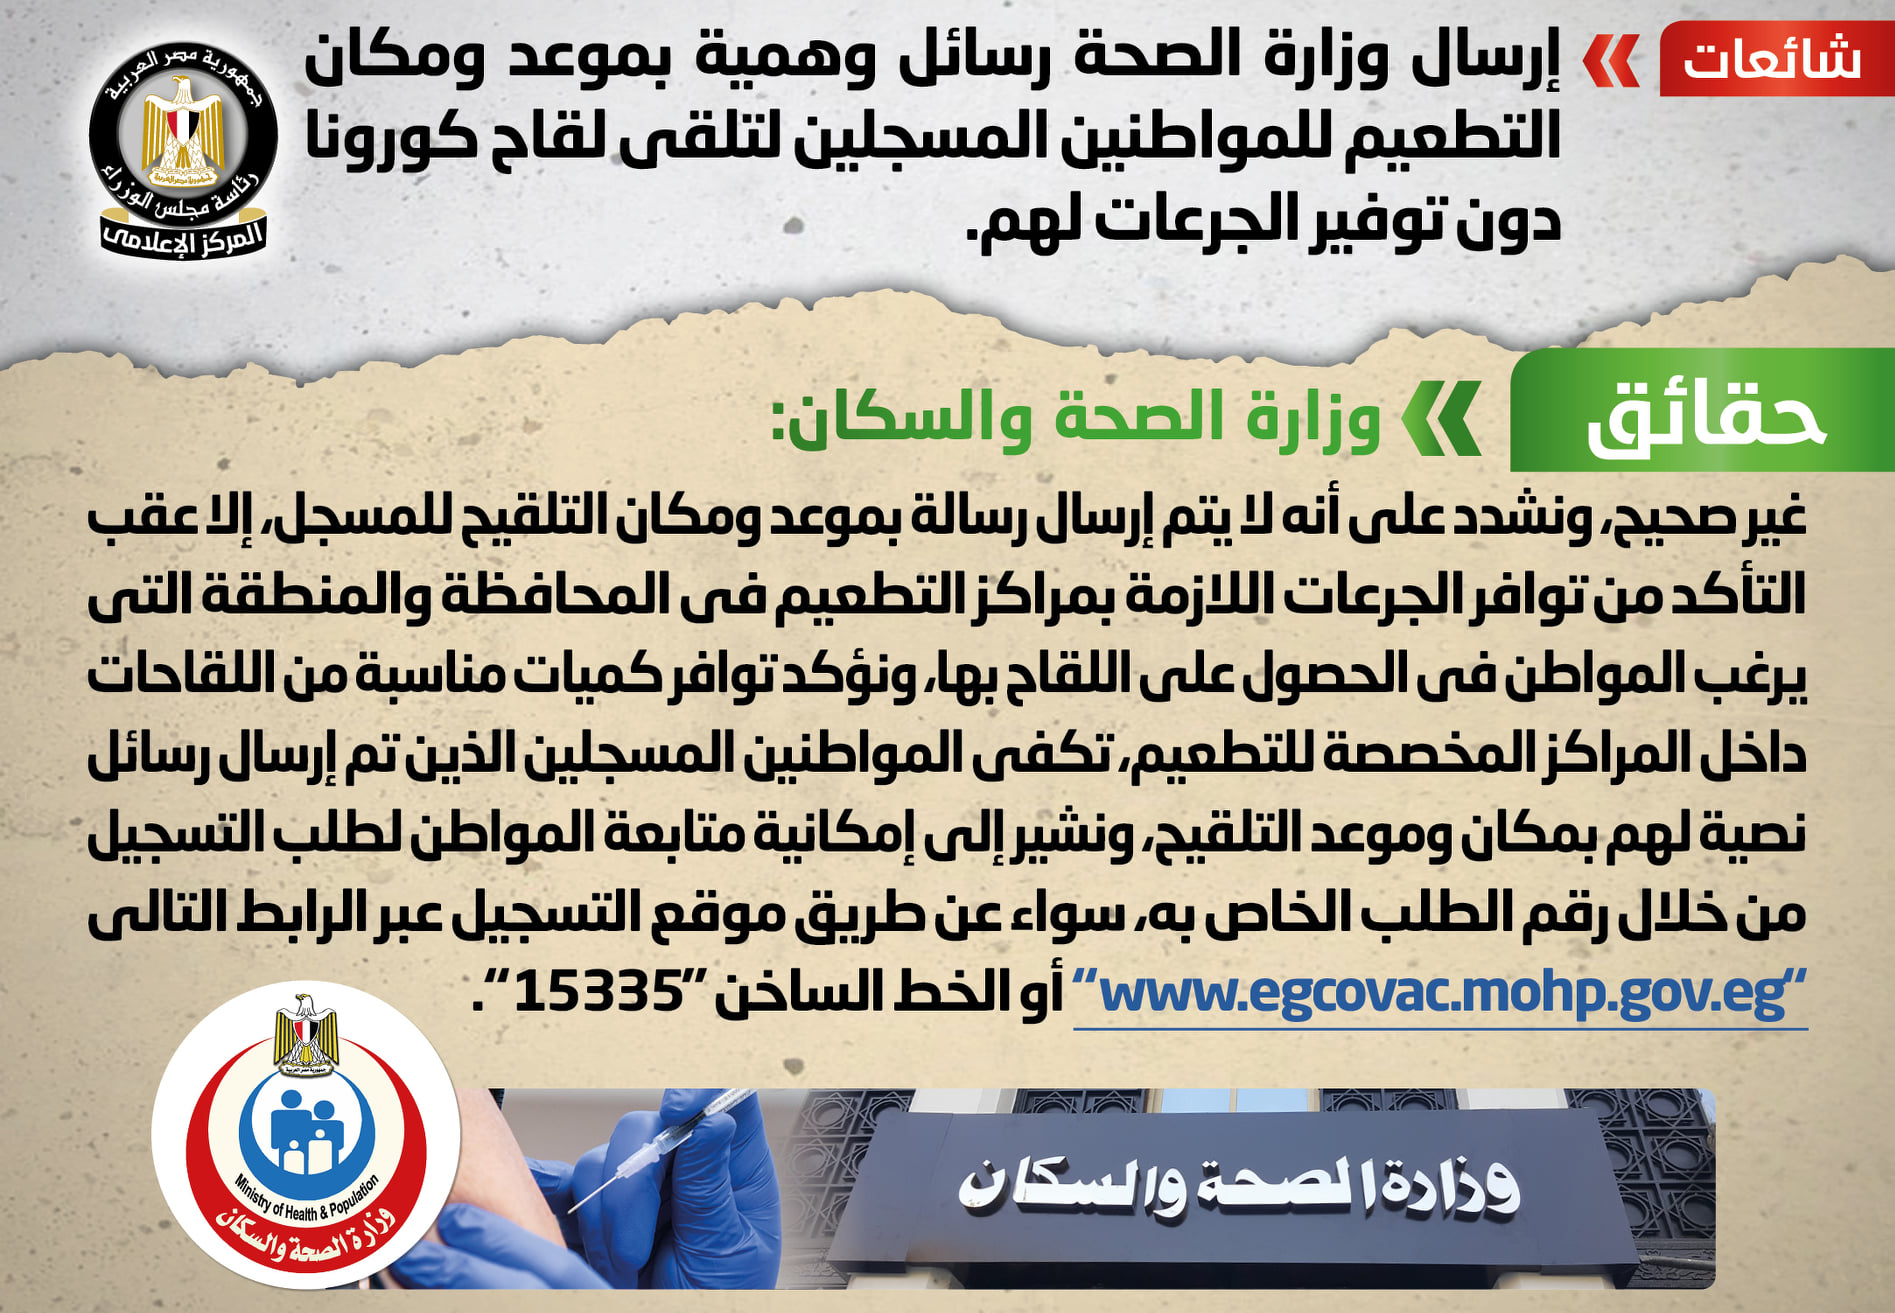 حقيقة إرسال وزارة الصحة رسائل وهمية بموعد ومكان التطعيم